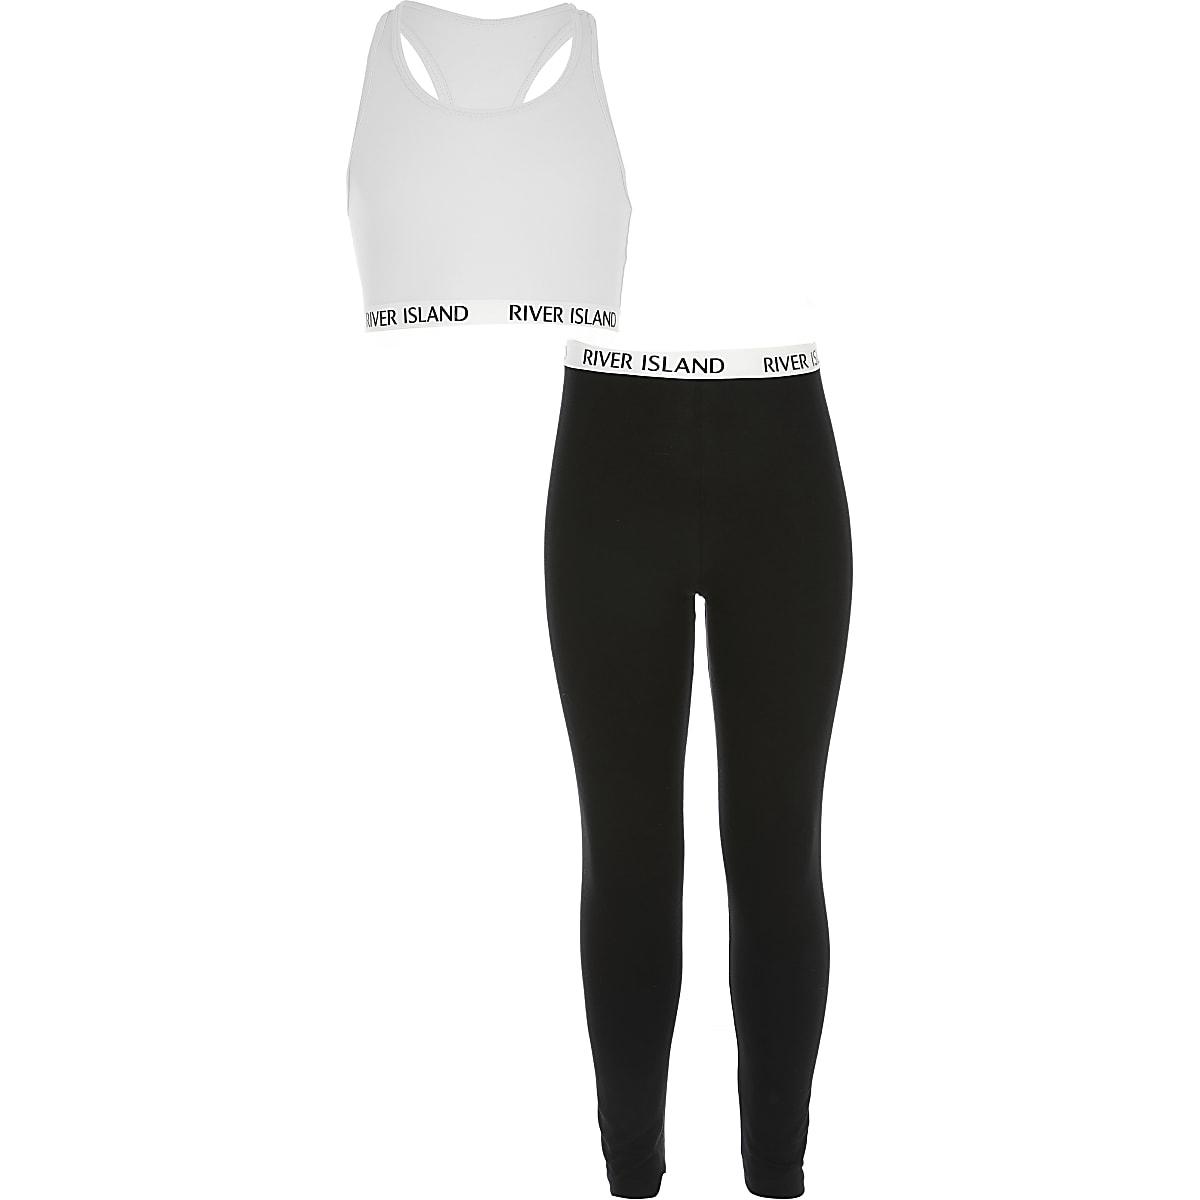 Ensemble avec legging et crop top blanc pour fille